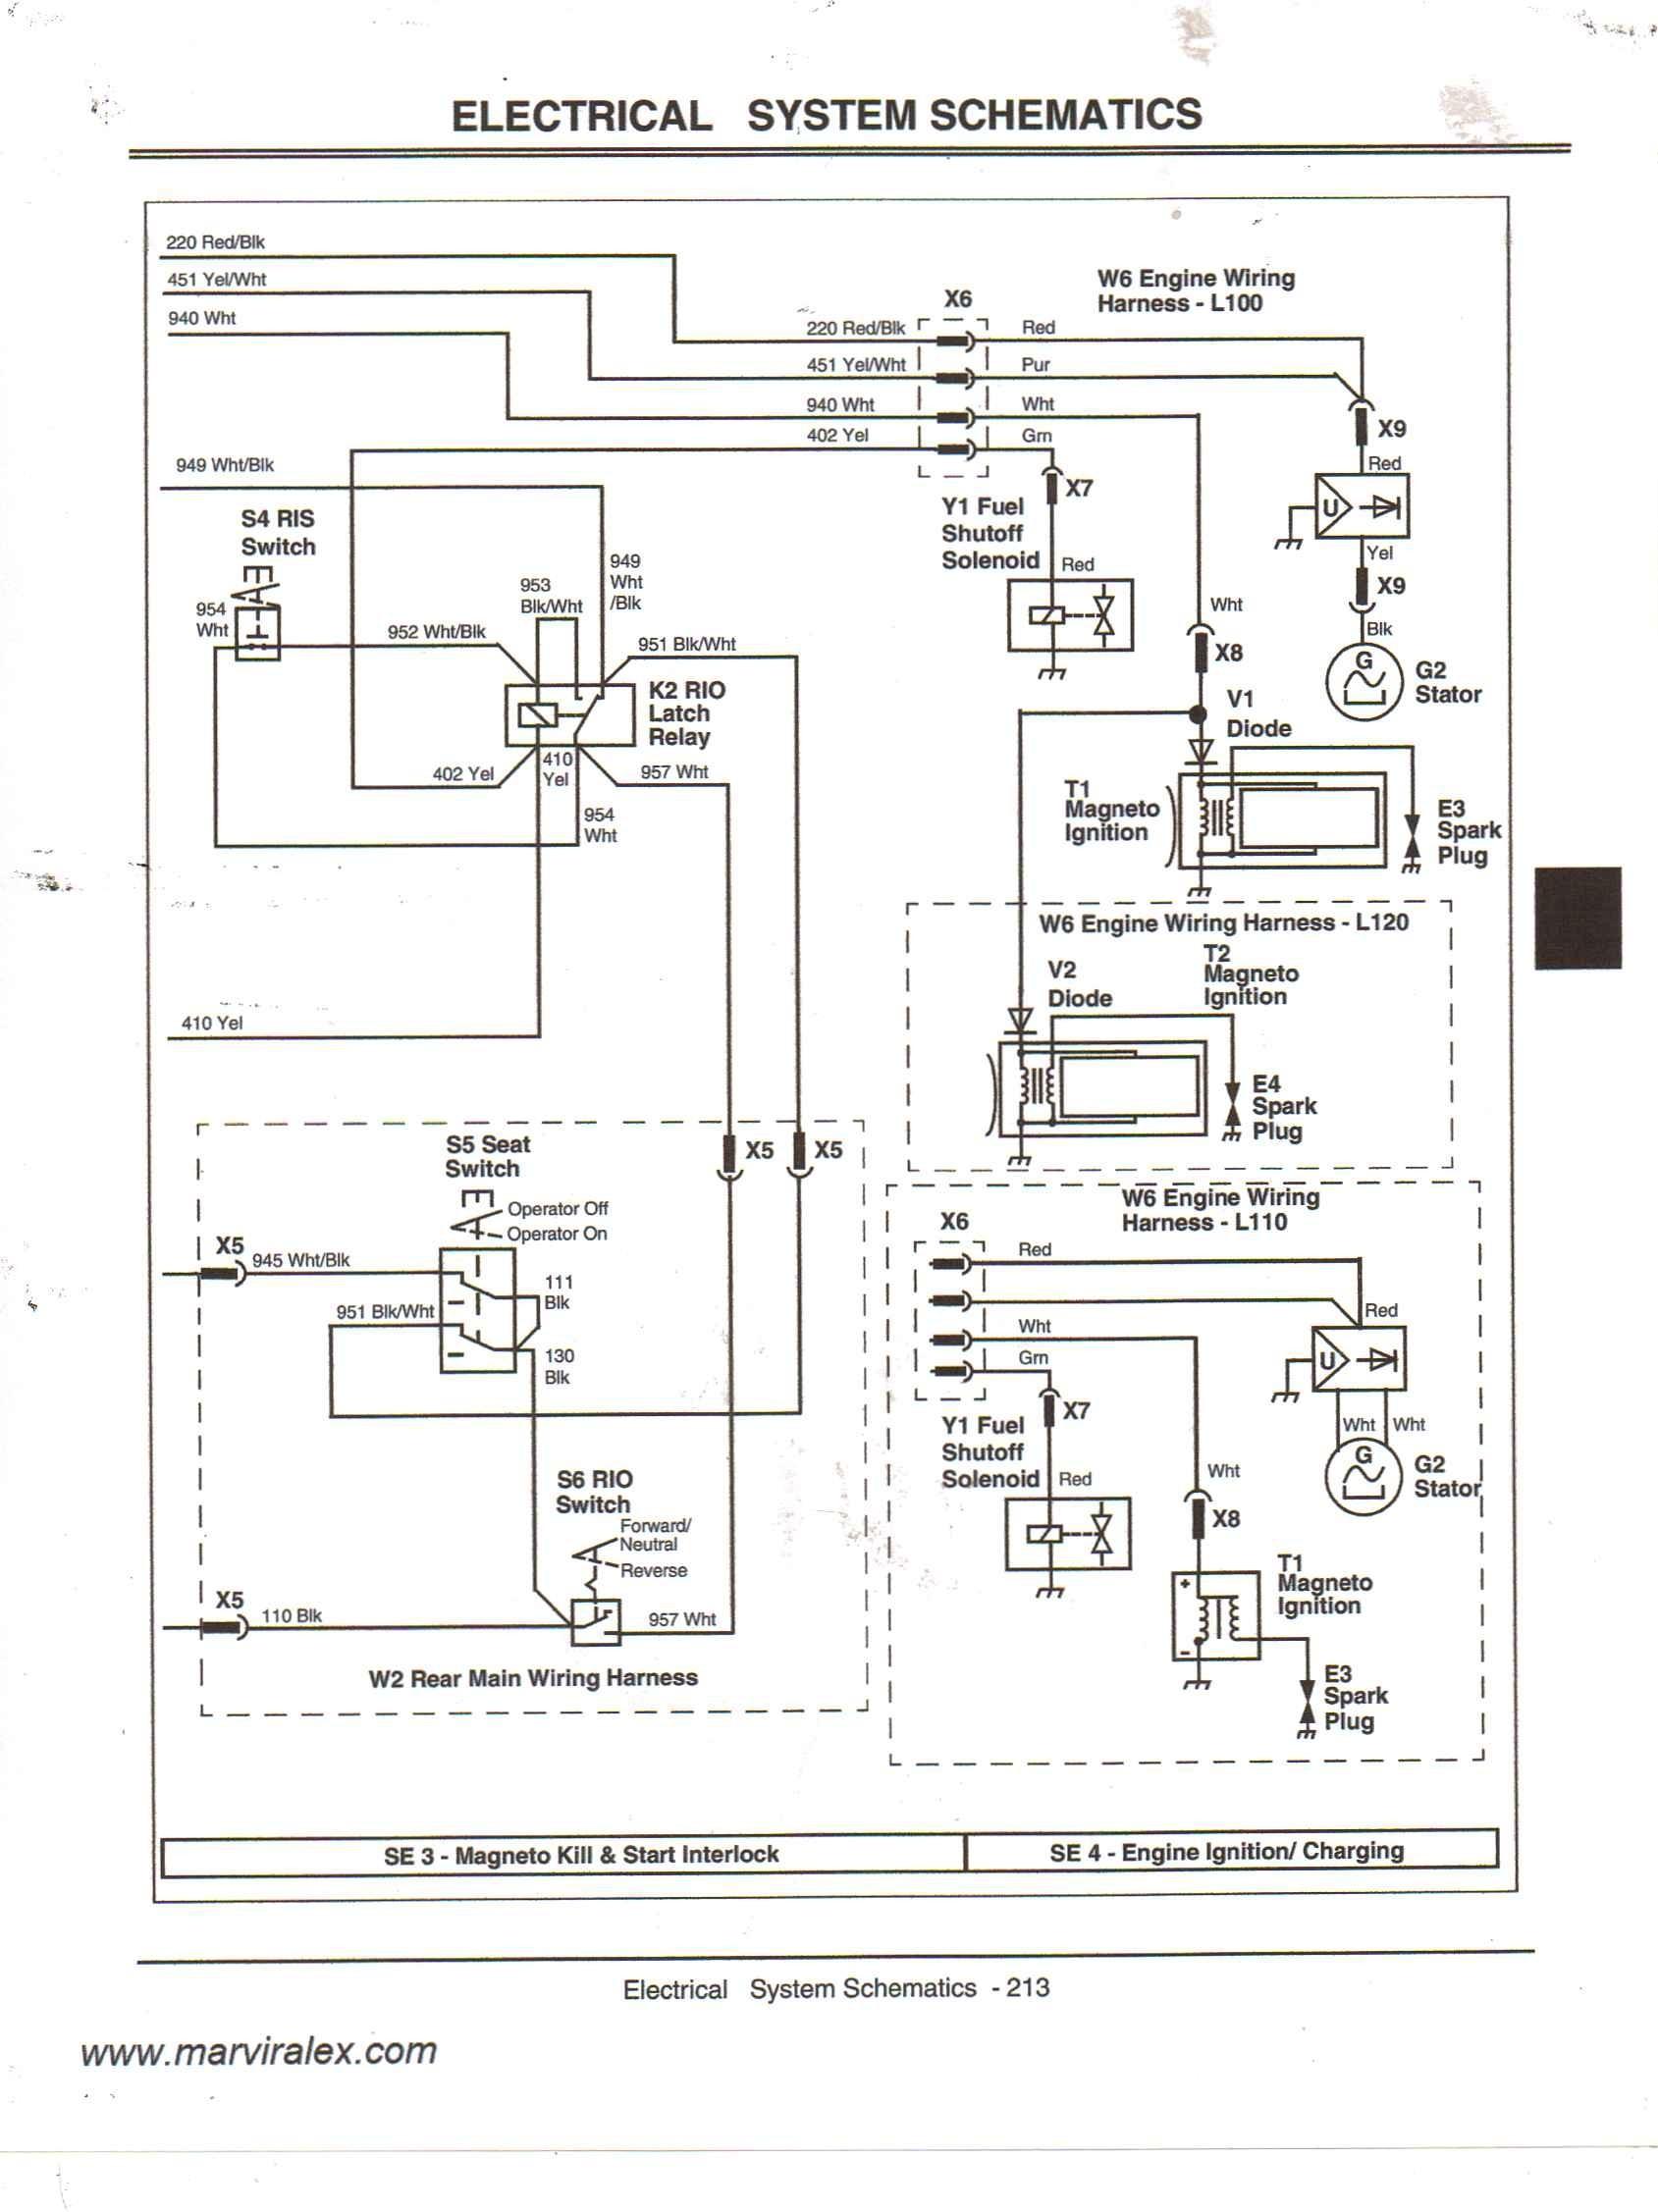 john deere l130 wiring schematic smart wiring diagrams u2022 rh emgsolutions co deere l130 wiring diagram